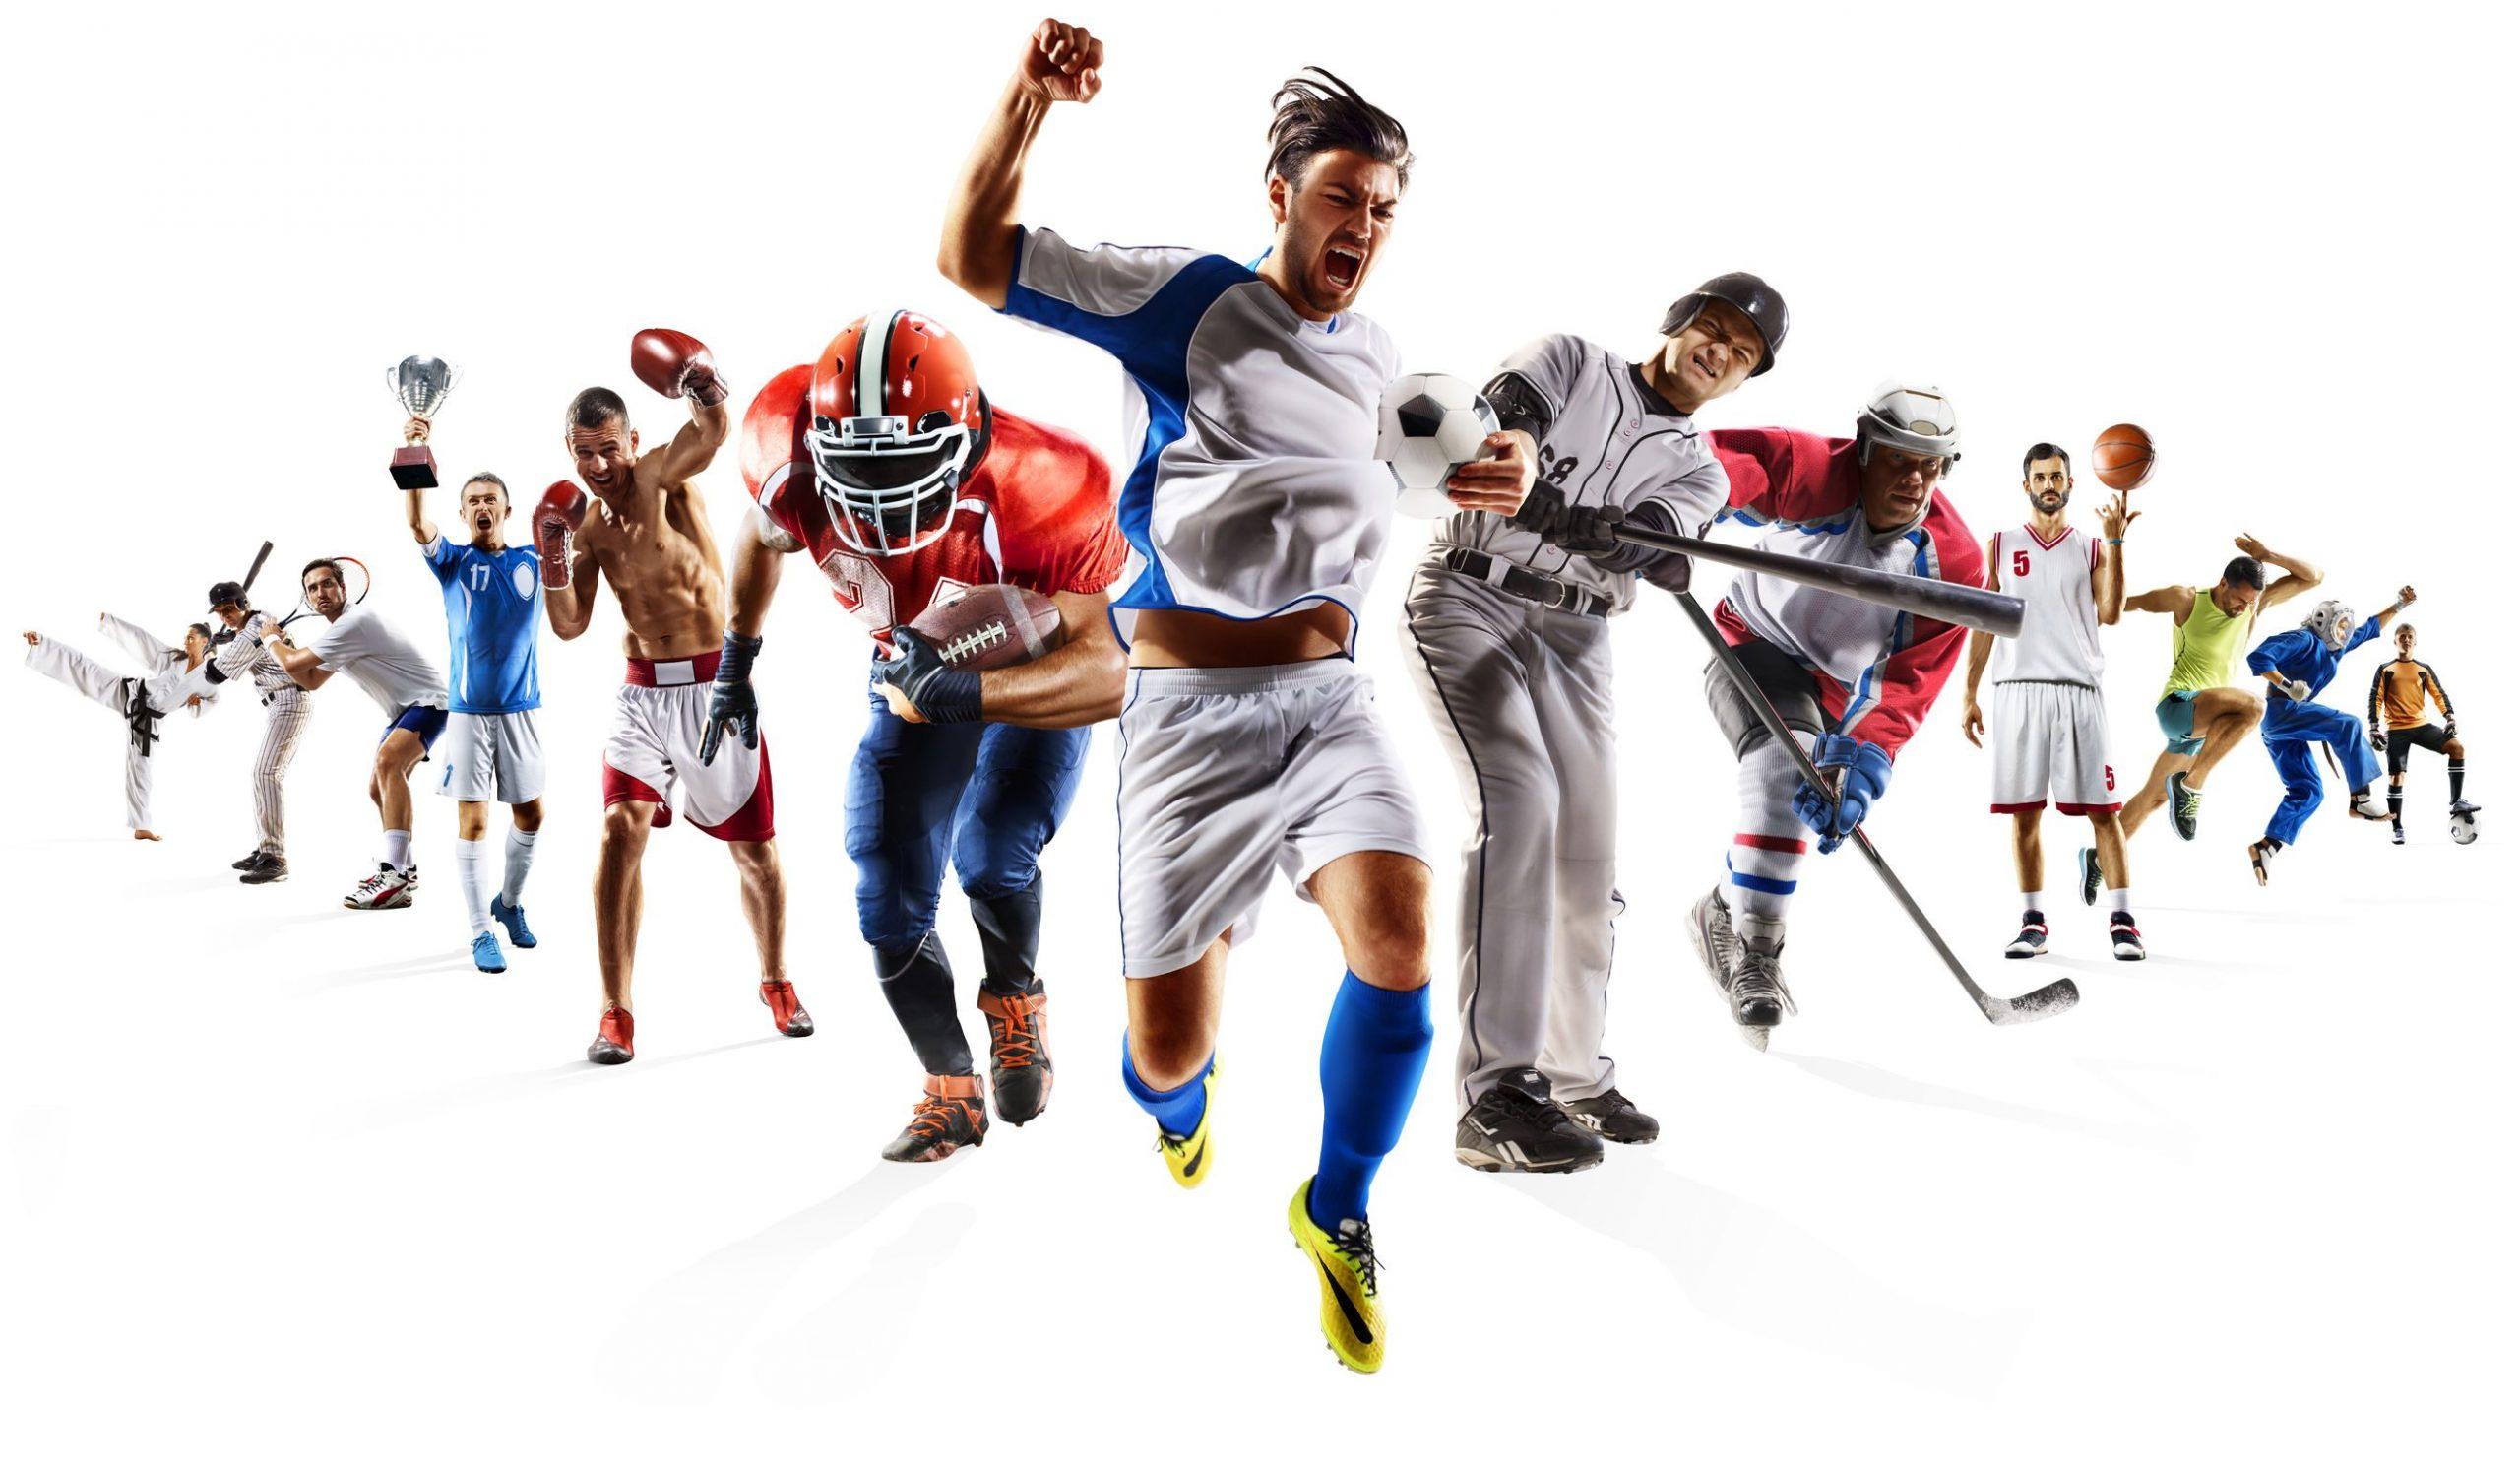 Meerdere sporten